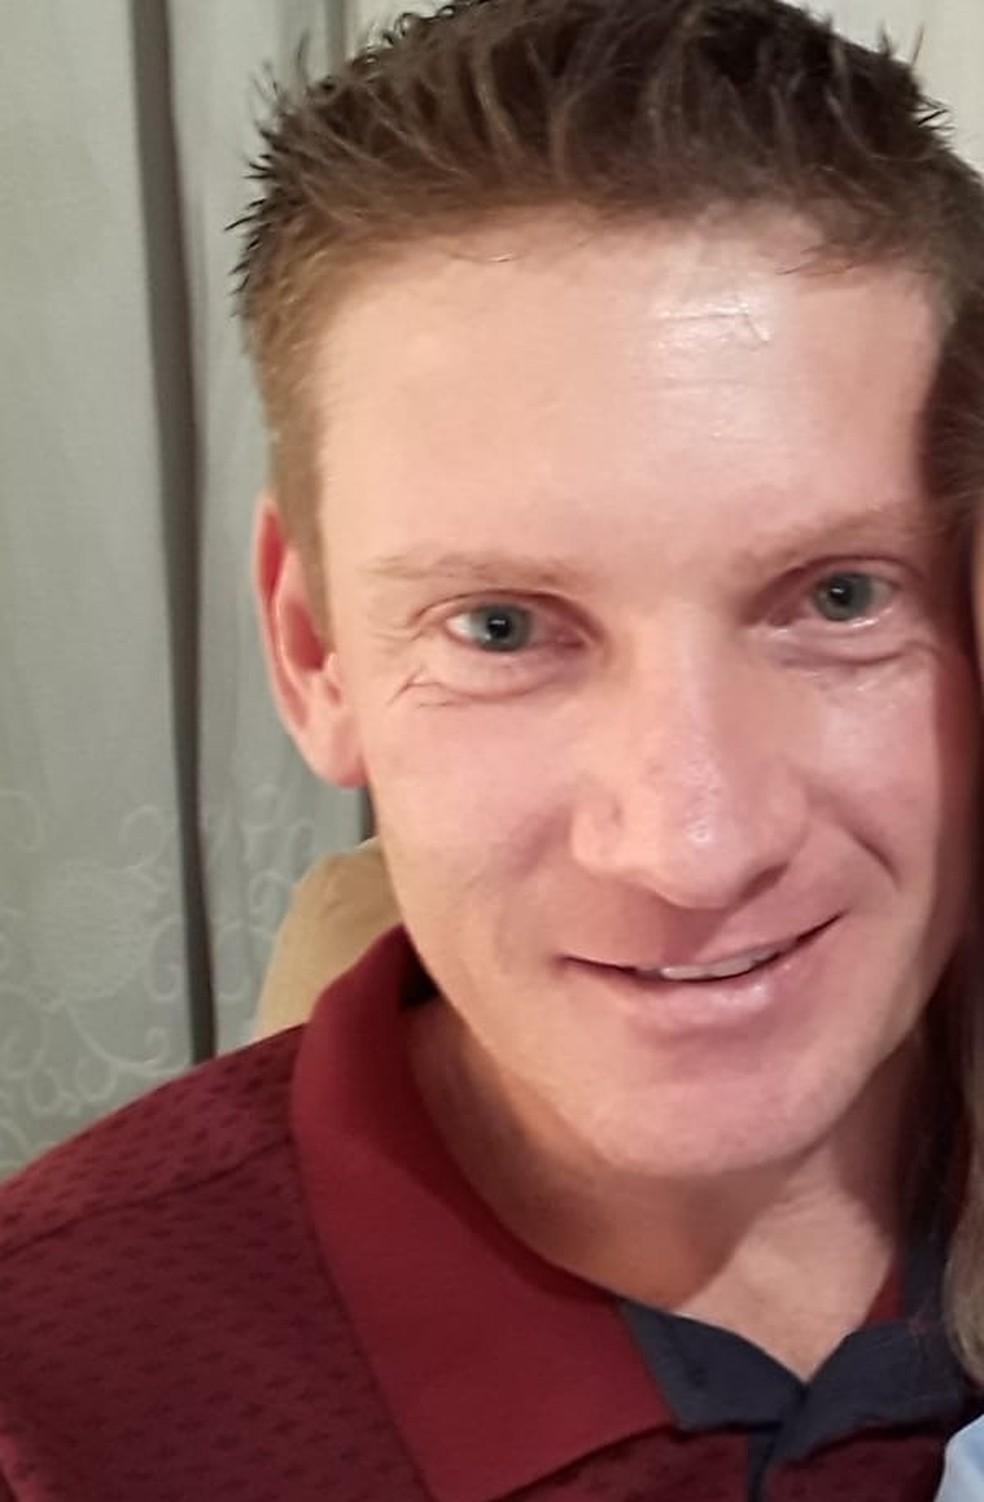 Ivar Amauri, de 39 anos, morreu soterrado em silo de soja em MT — Foto: Arquivo pessoal